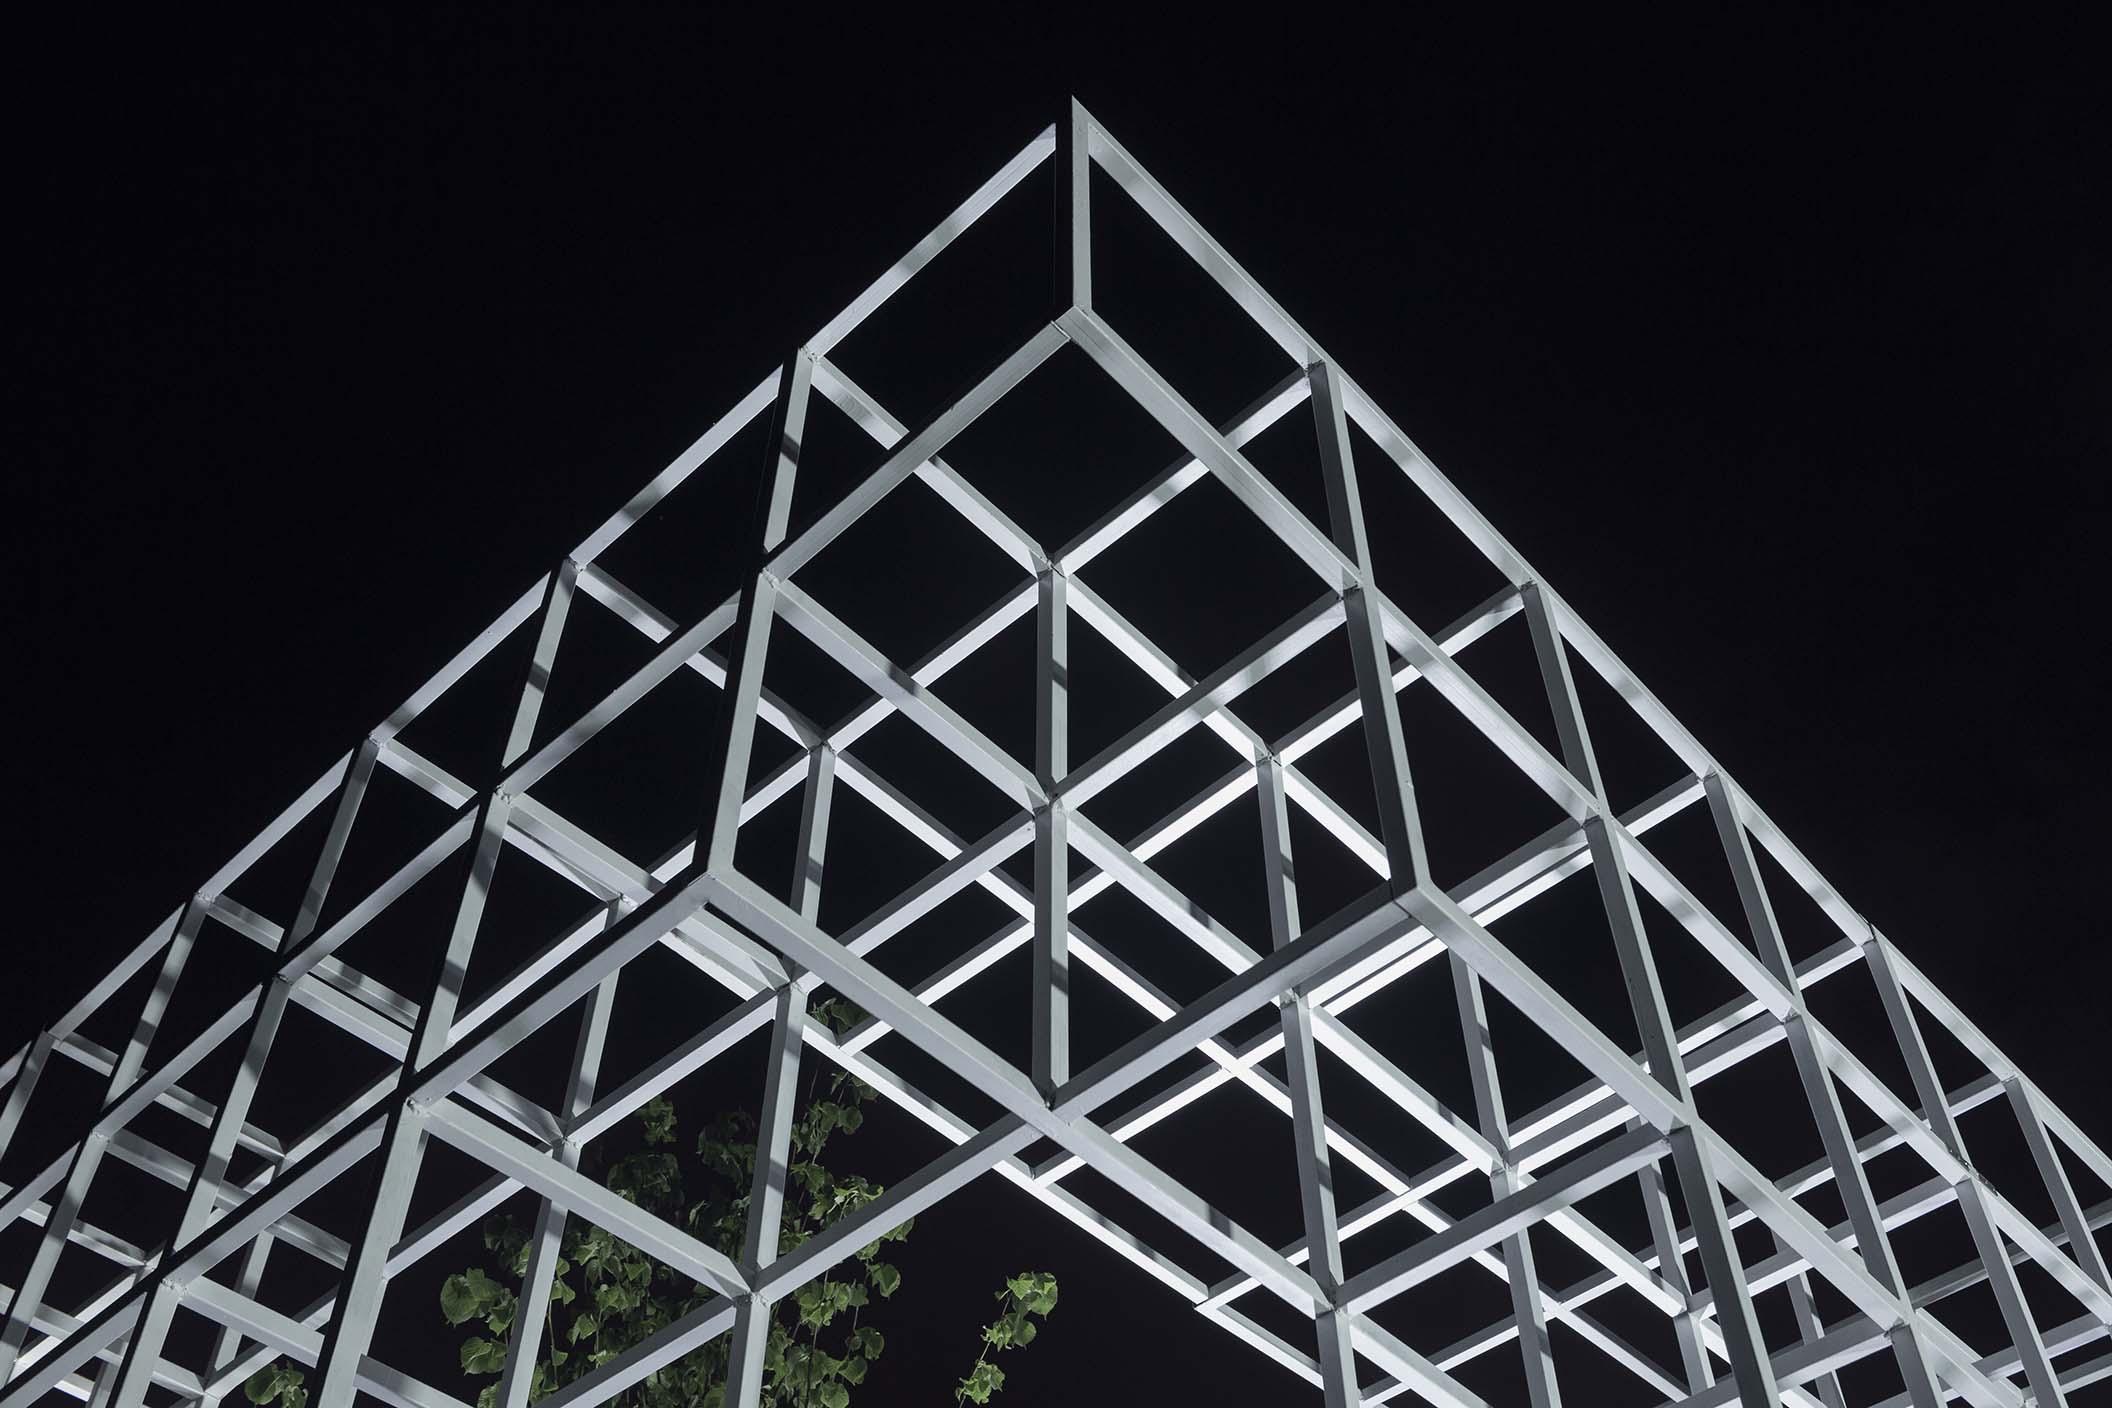 Mist-installation-Clap-Studio8996 copia